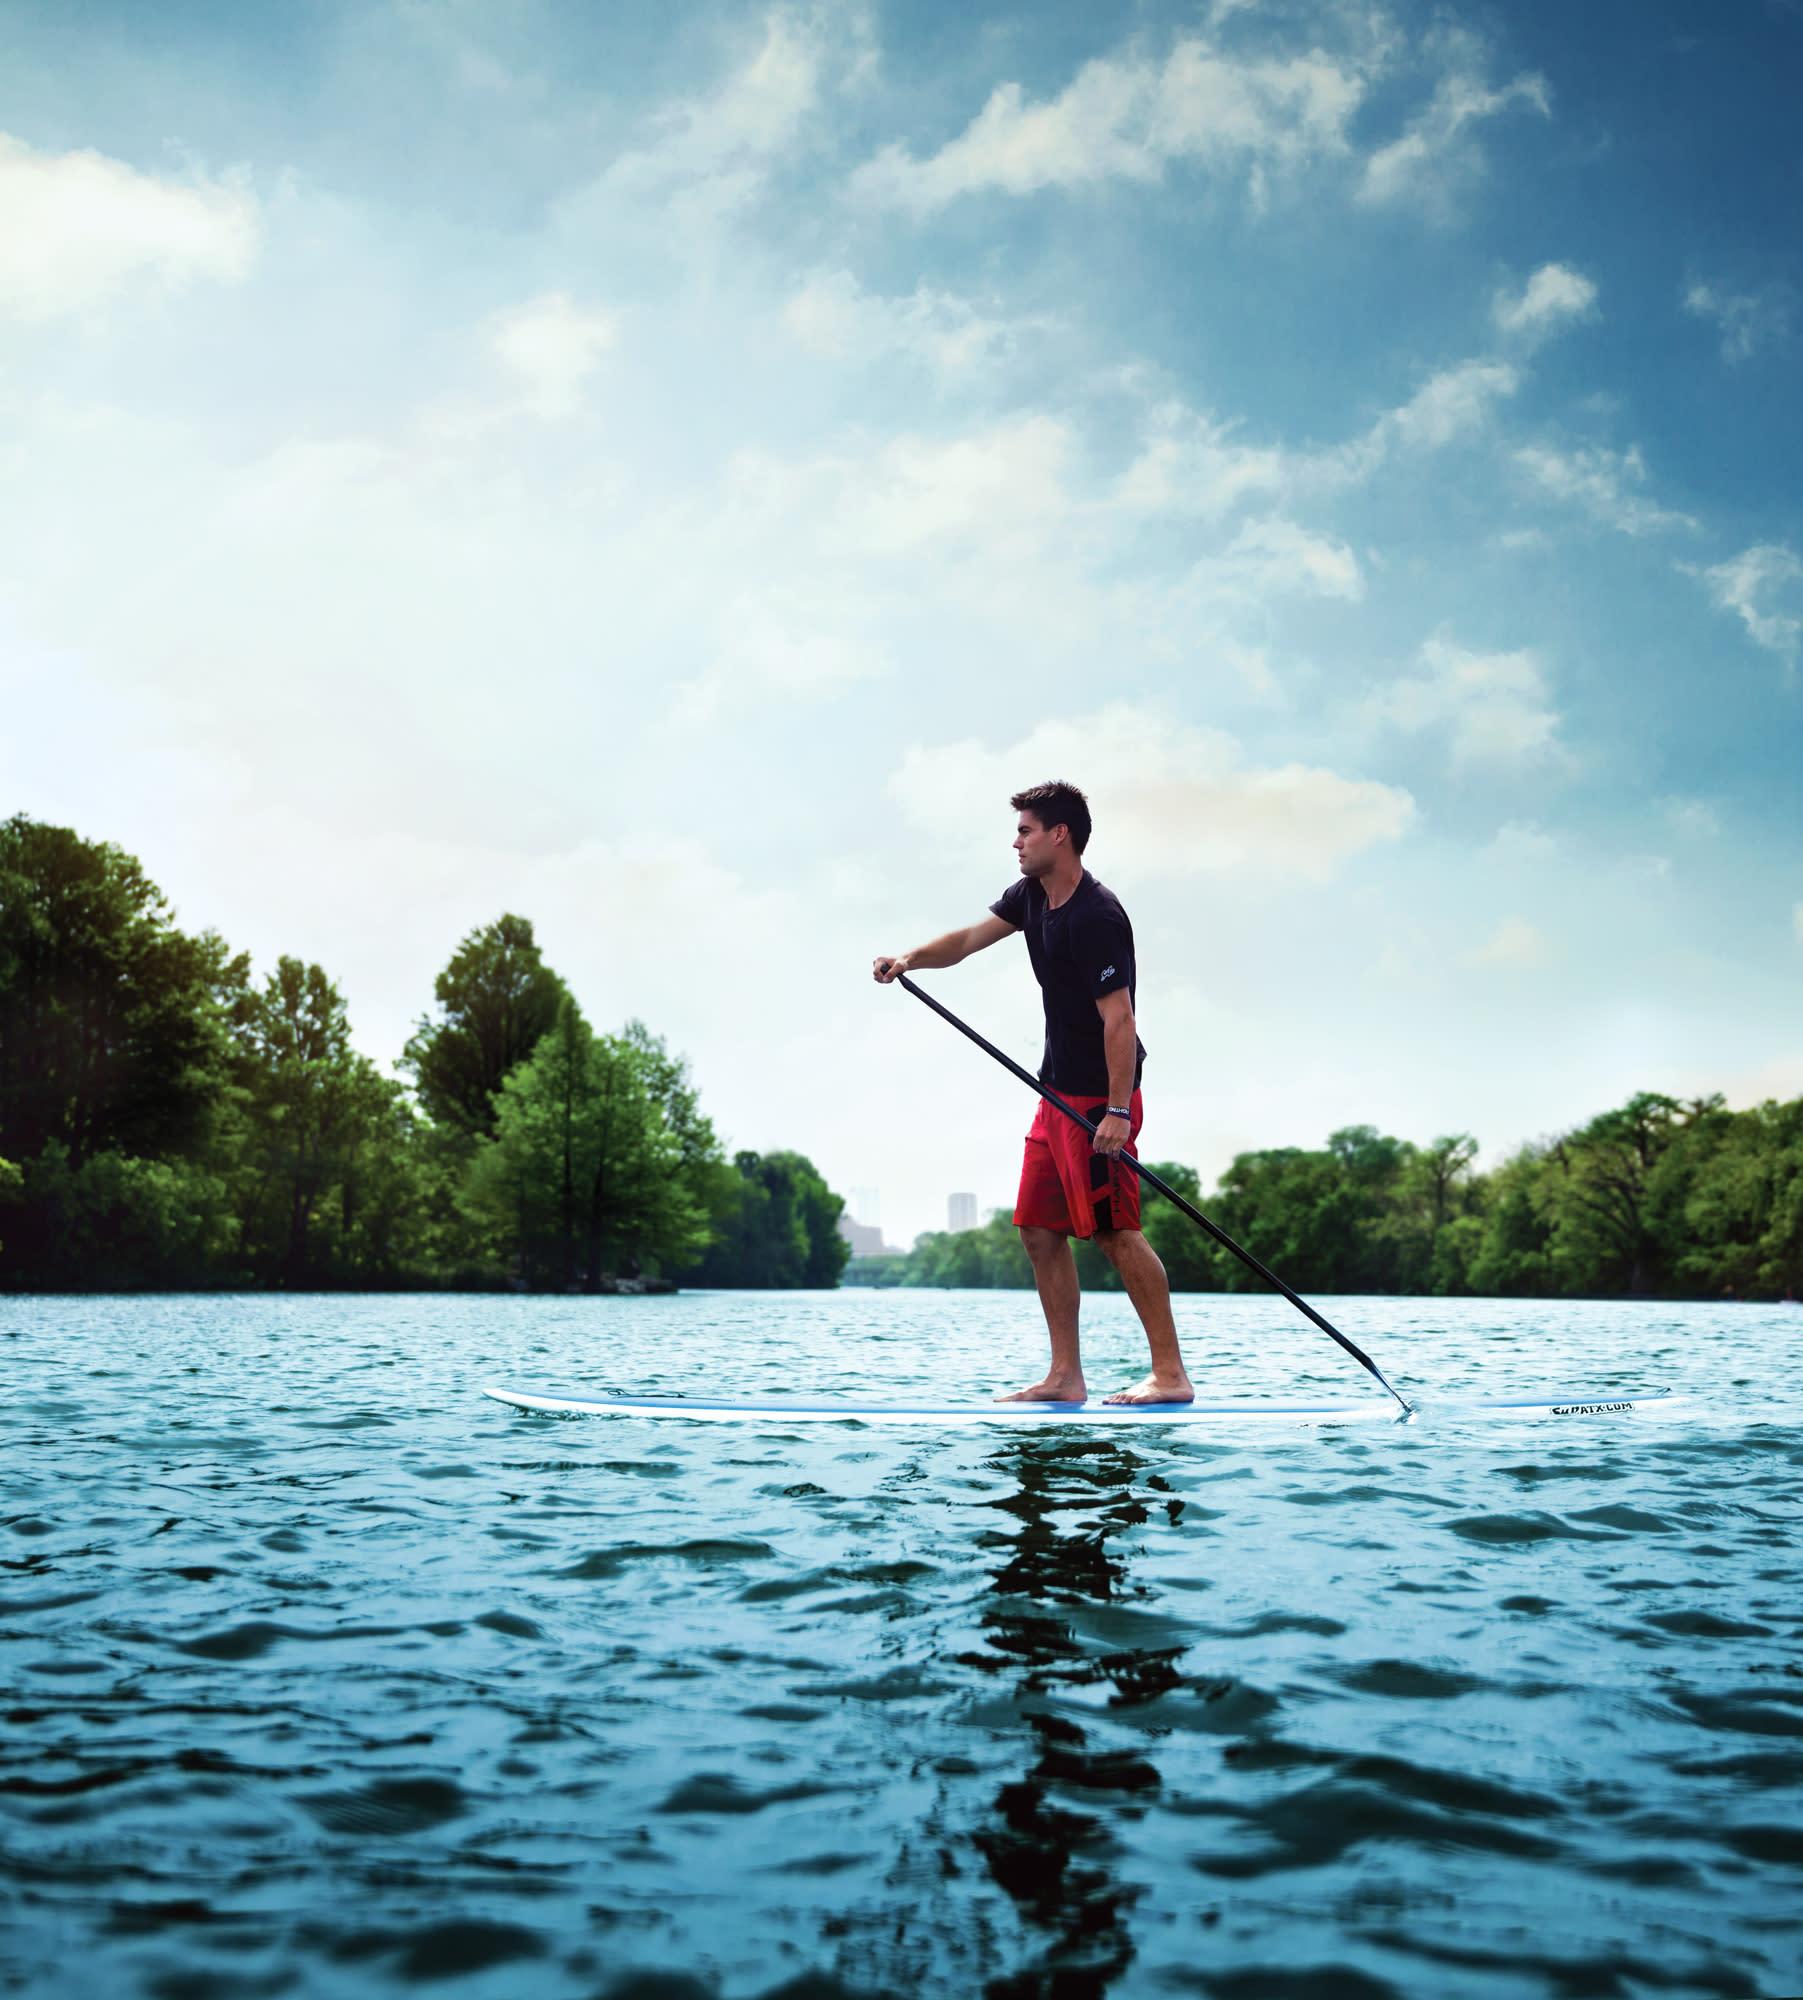 Paddleboarding on Lady Bird Lake